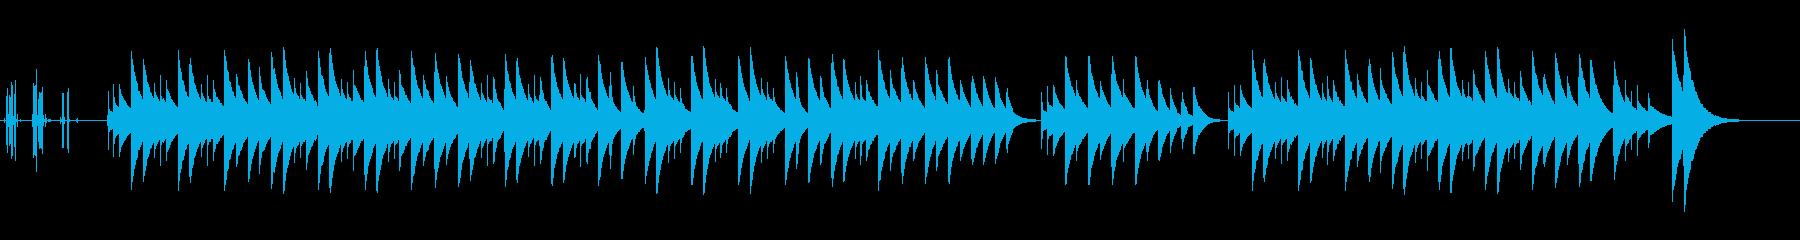 ネコふんじゃったのオルゴールバージョンの再生済みの波形